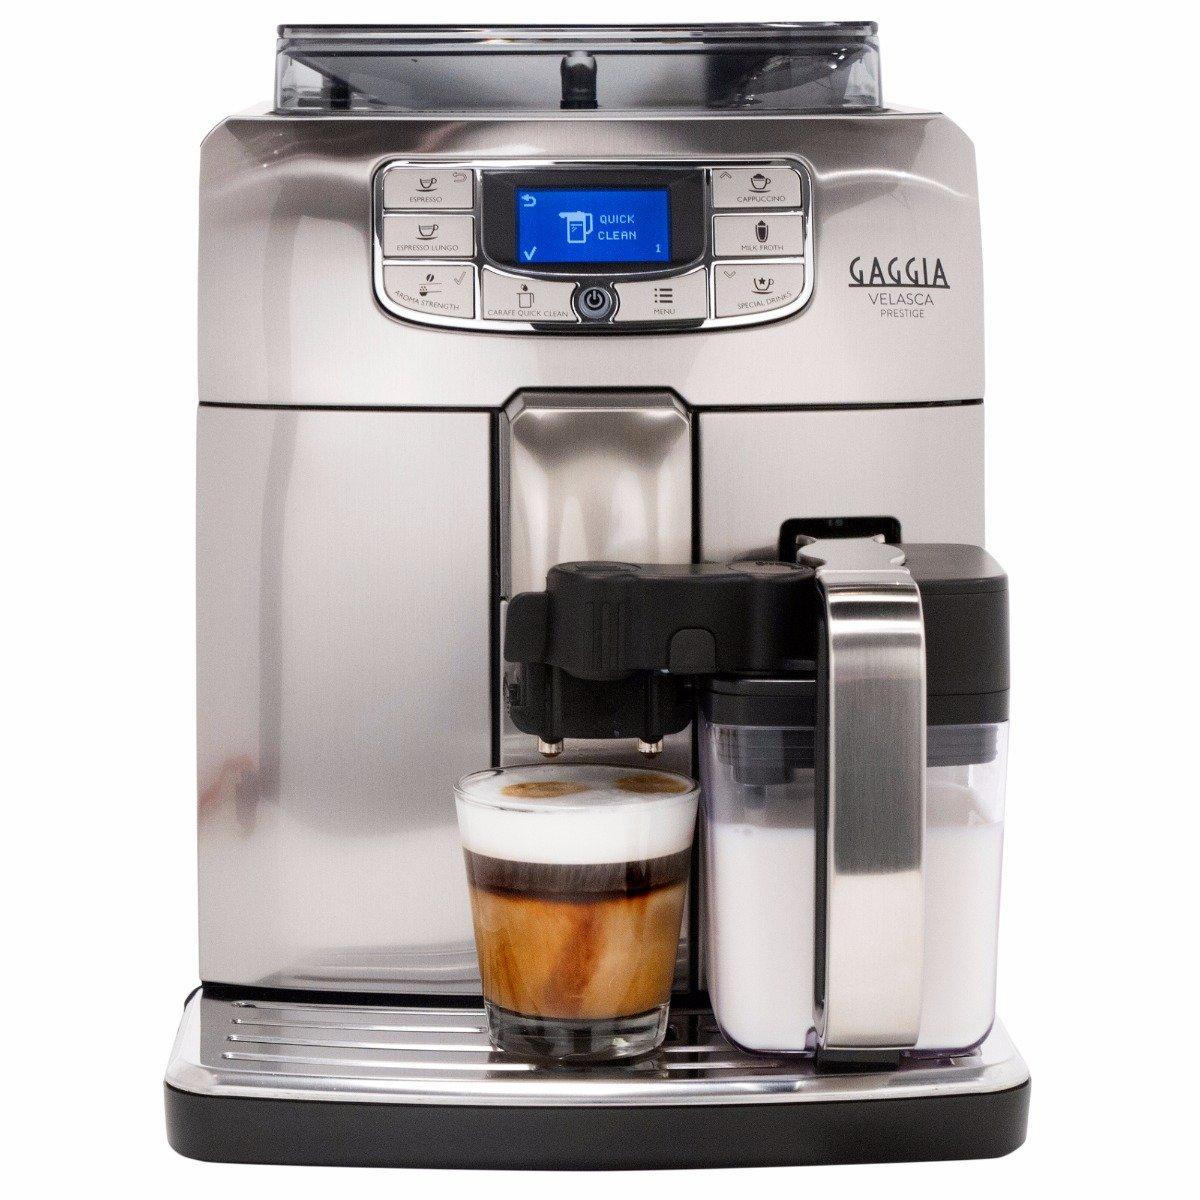 Gaggia Velasca Prestige OTC Super Automatic Espresso Machine - Silver Model No.RI8263/47